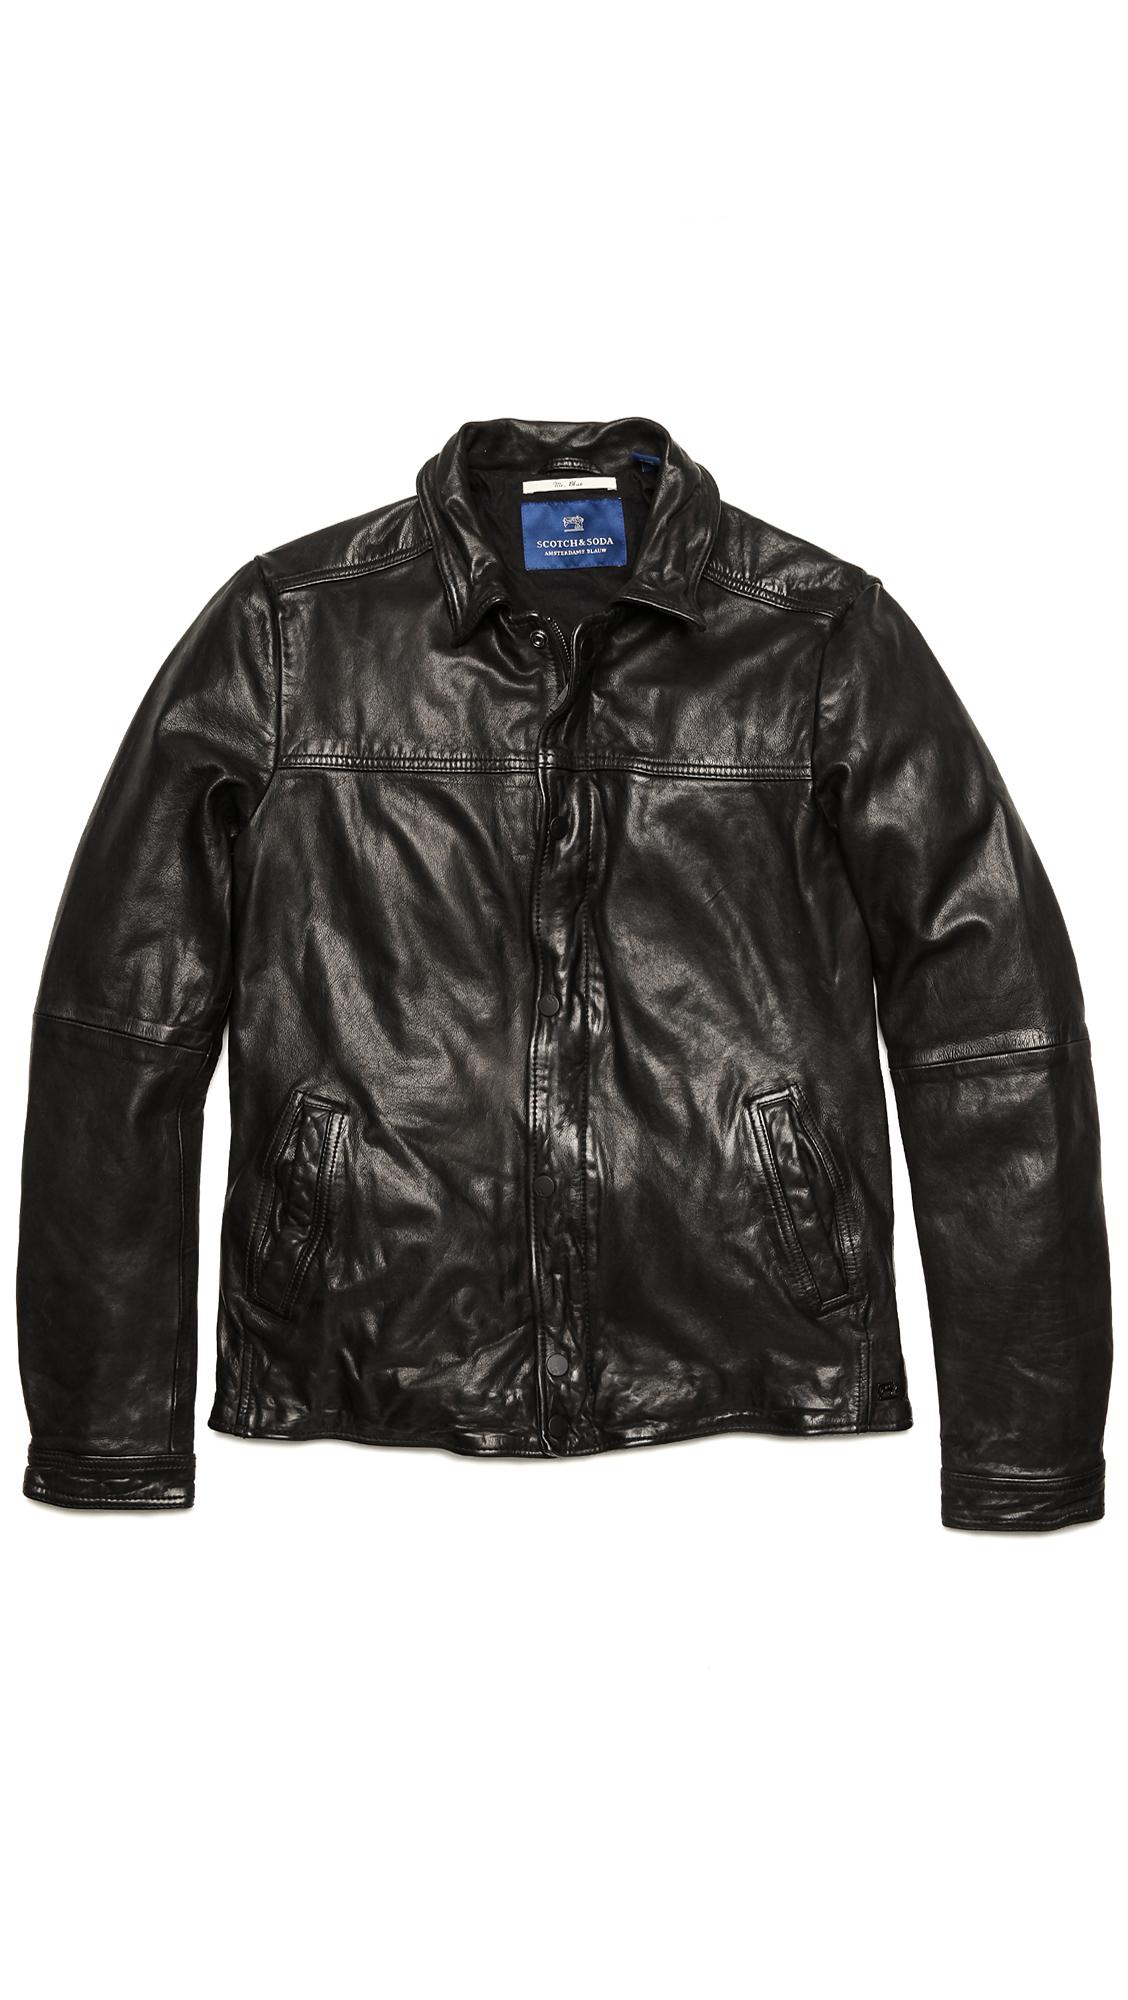 scotch soda vintage style leather jacket in black for men lyst. Black Bedroom Furniture Sets. Home Design Ideas